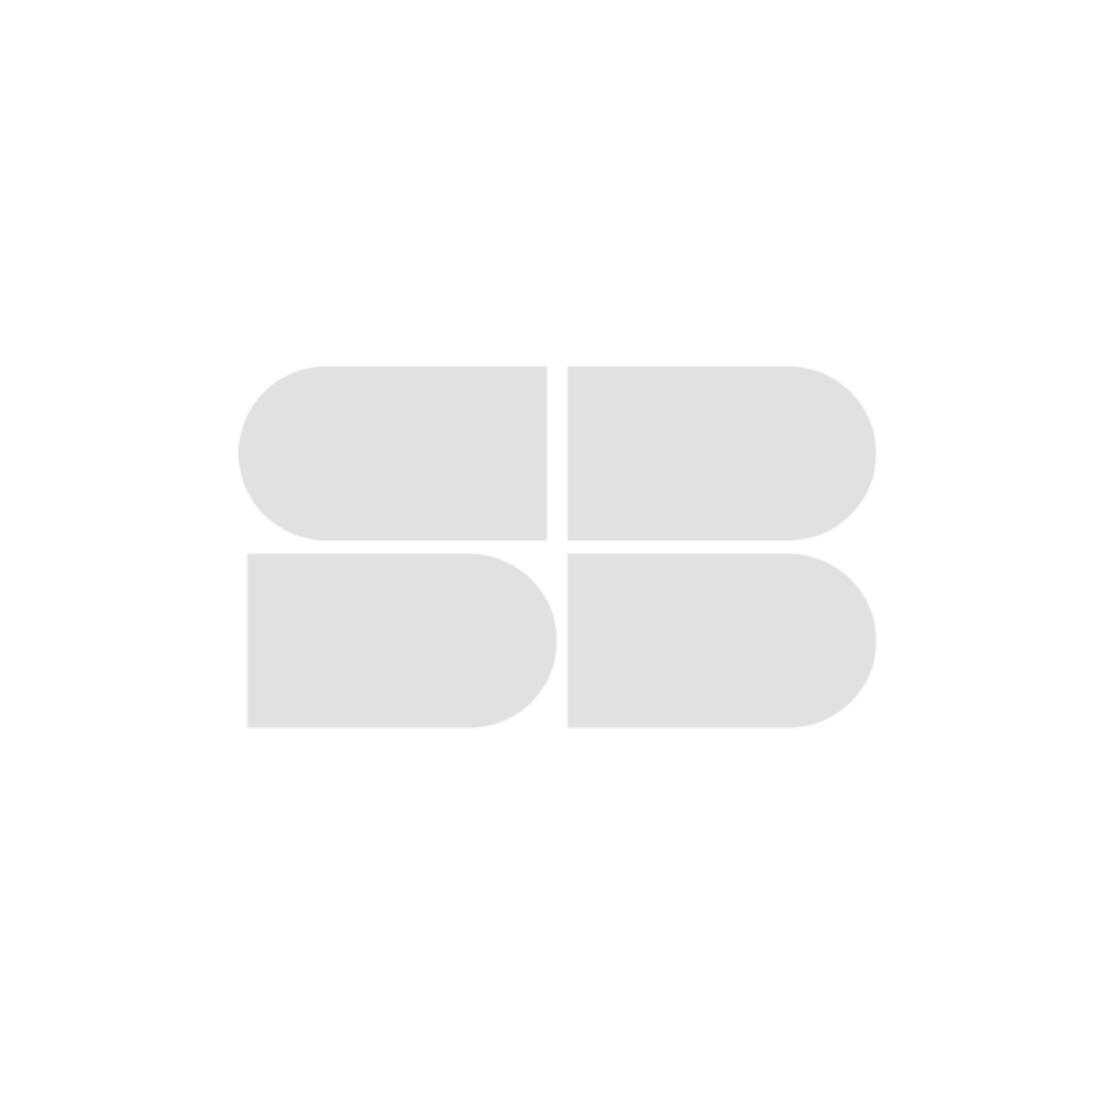 ที่นอน RESTONIC รุ่น REFLEX 3600 5 ฟุต พร้อมของแถม 5 รายการ ที่นอนสปริง ฟูก ที่นอนราคาพิเศษ